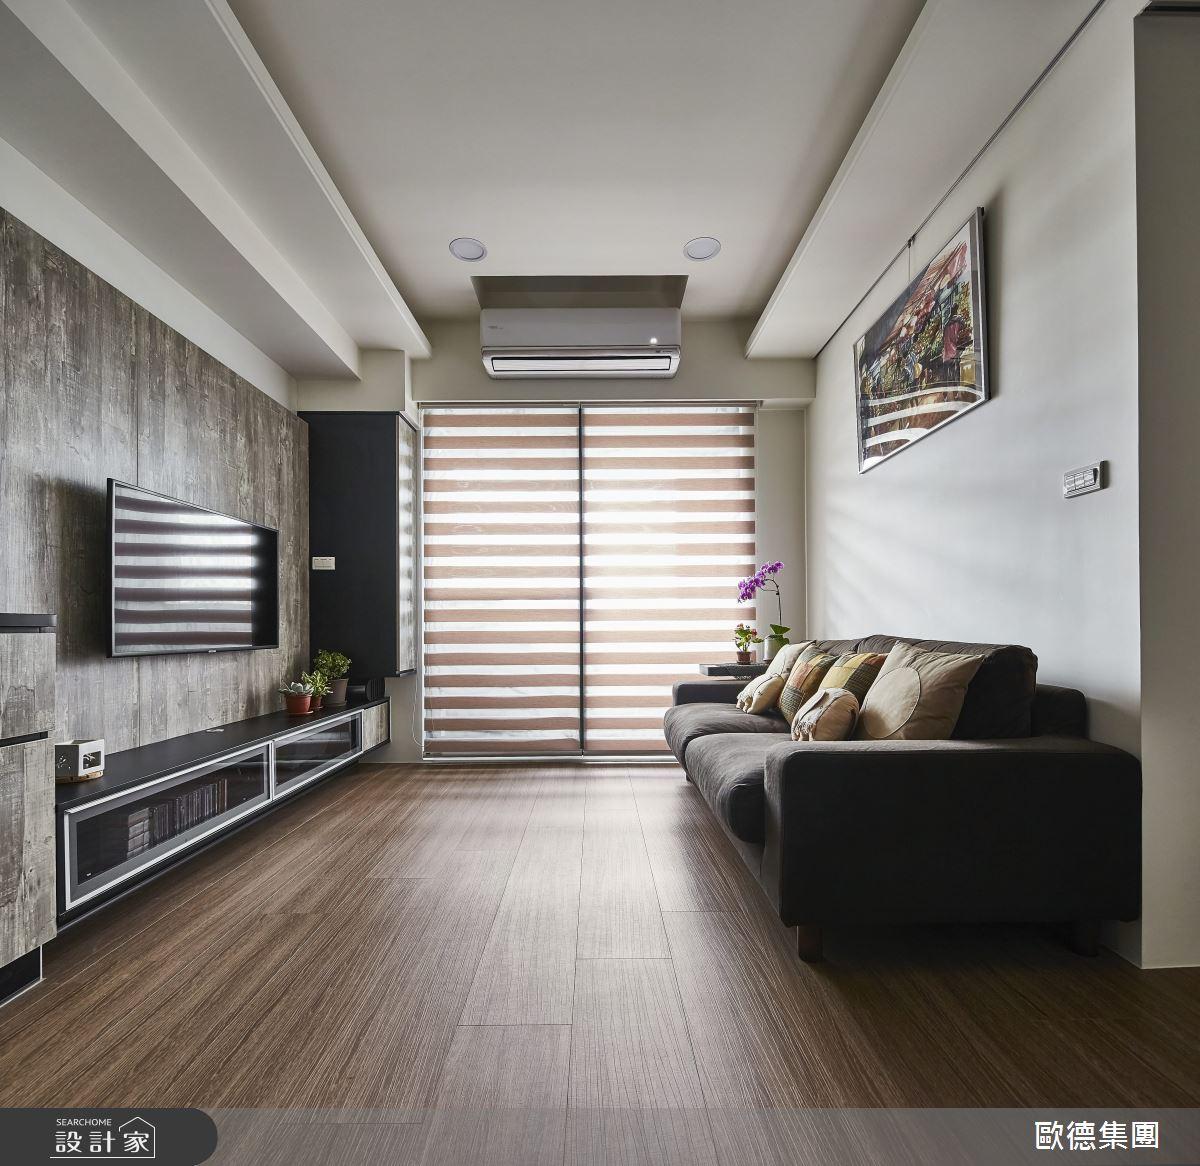 15坪新成屋(5年以下)_現代風客廳案例圖片_台灣歐德傢俱股份有限公司_歐德_112之4